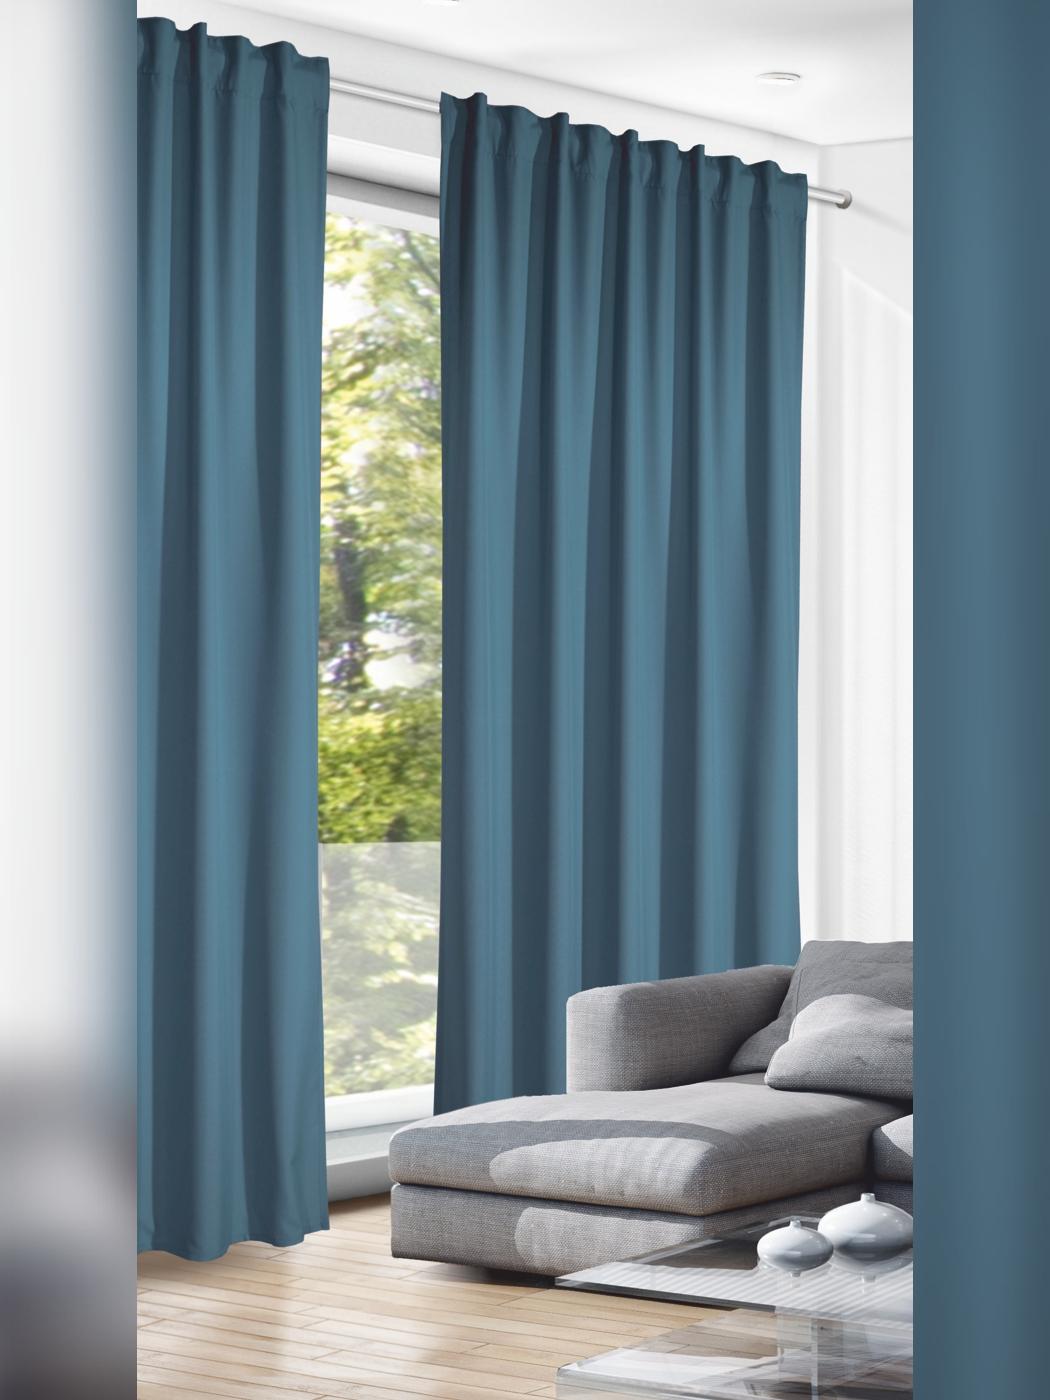 Full Size of Gardinen Vorhang Blickdicht Blau Mittelblau Küche Vorhänge Wohnzimmer Schlafzimmer Wohnzimmer Vorhänge Schiene